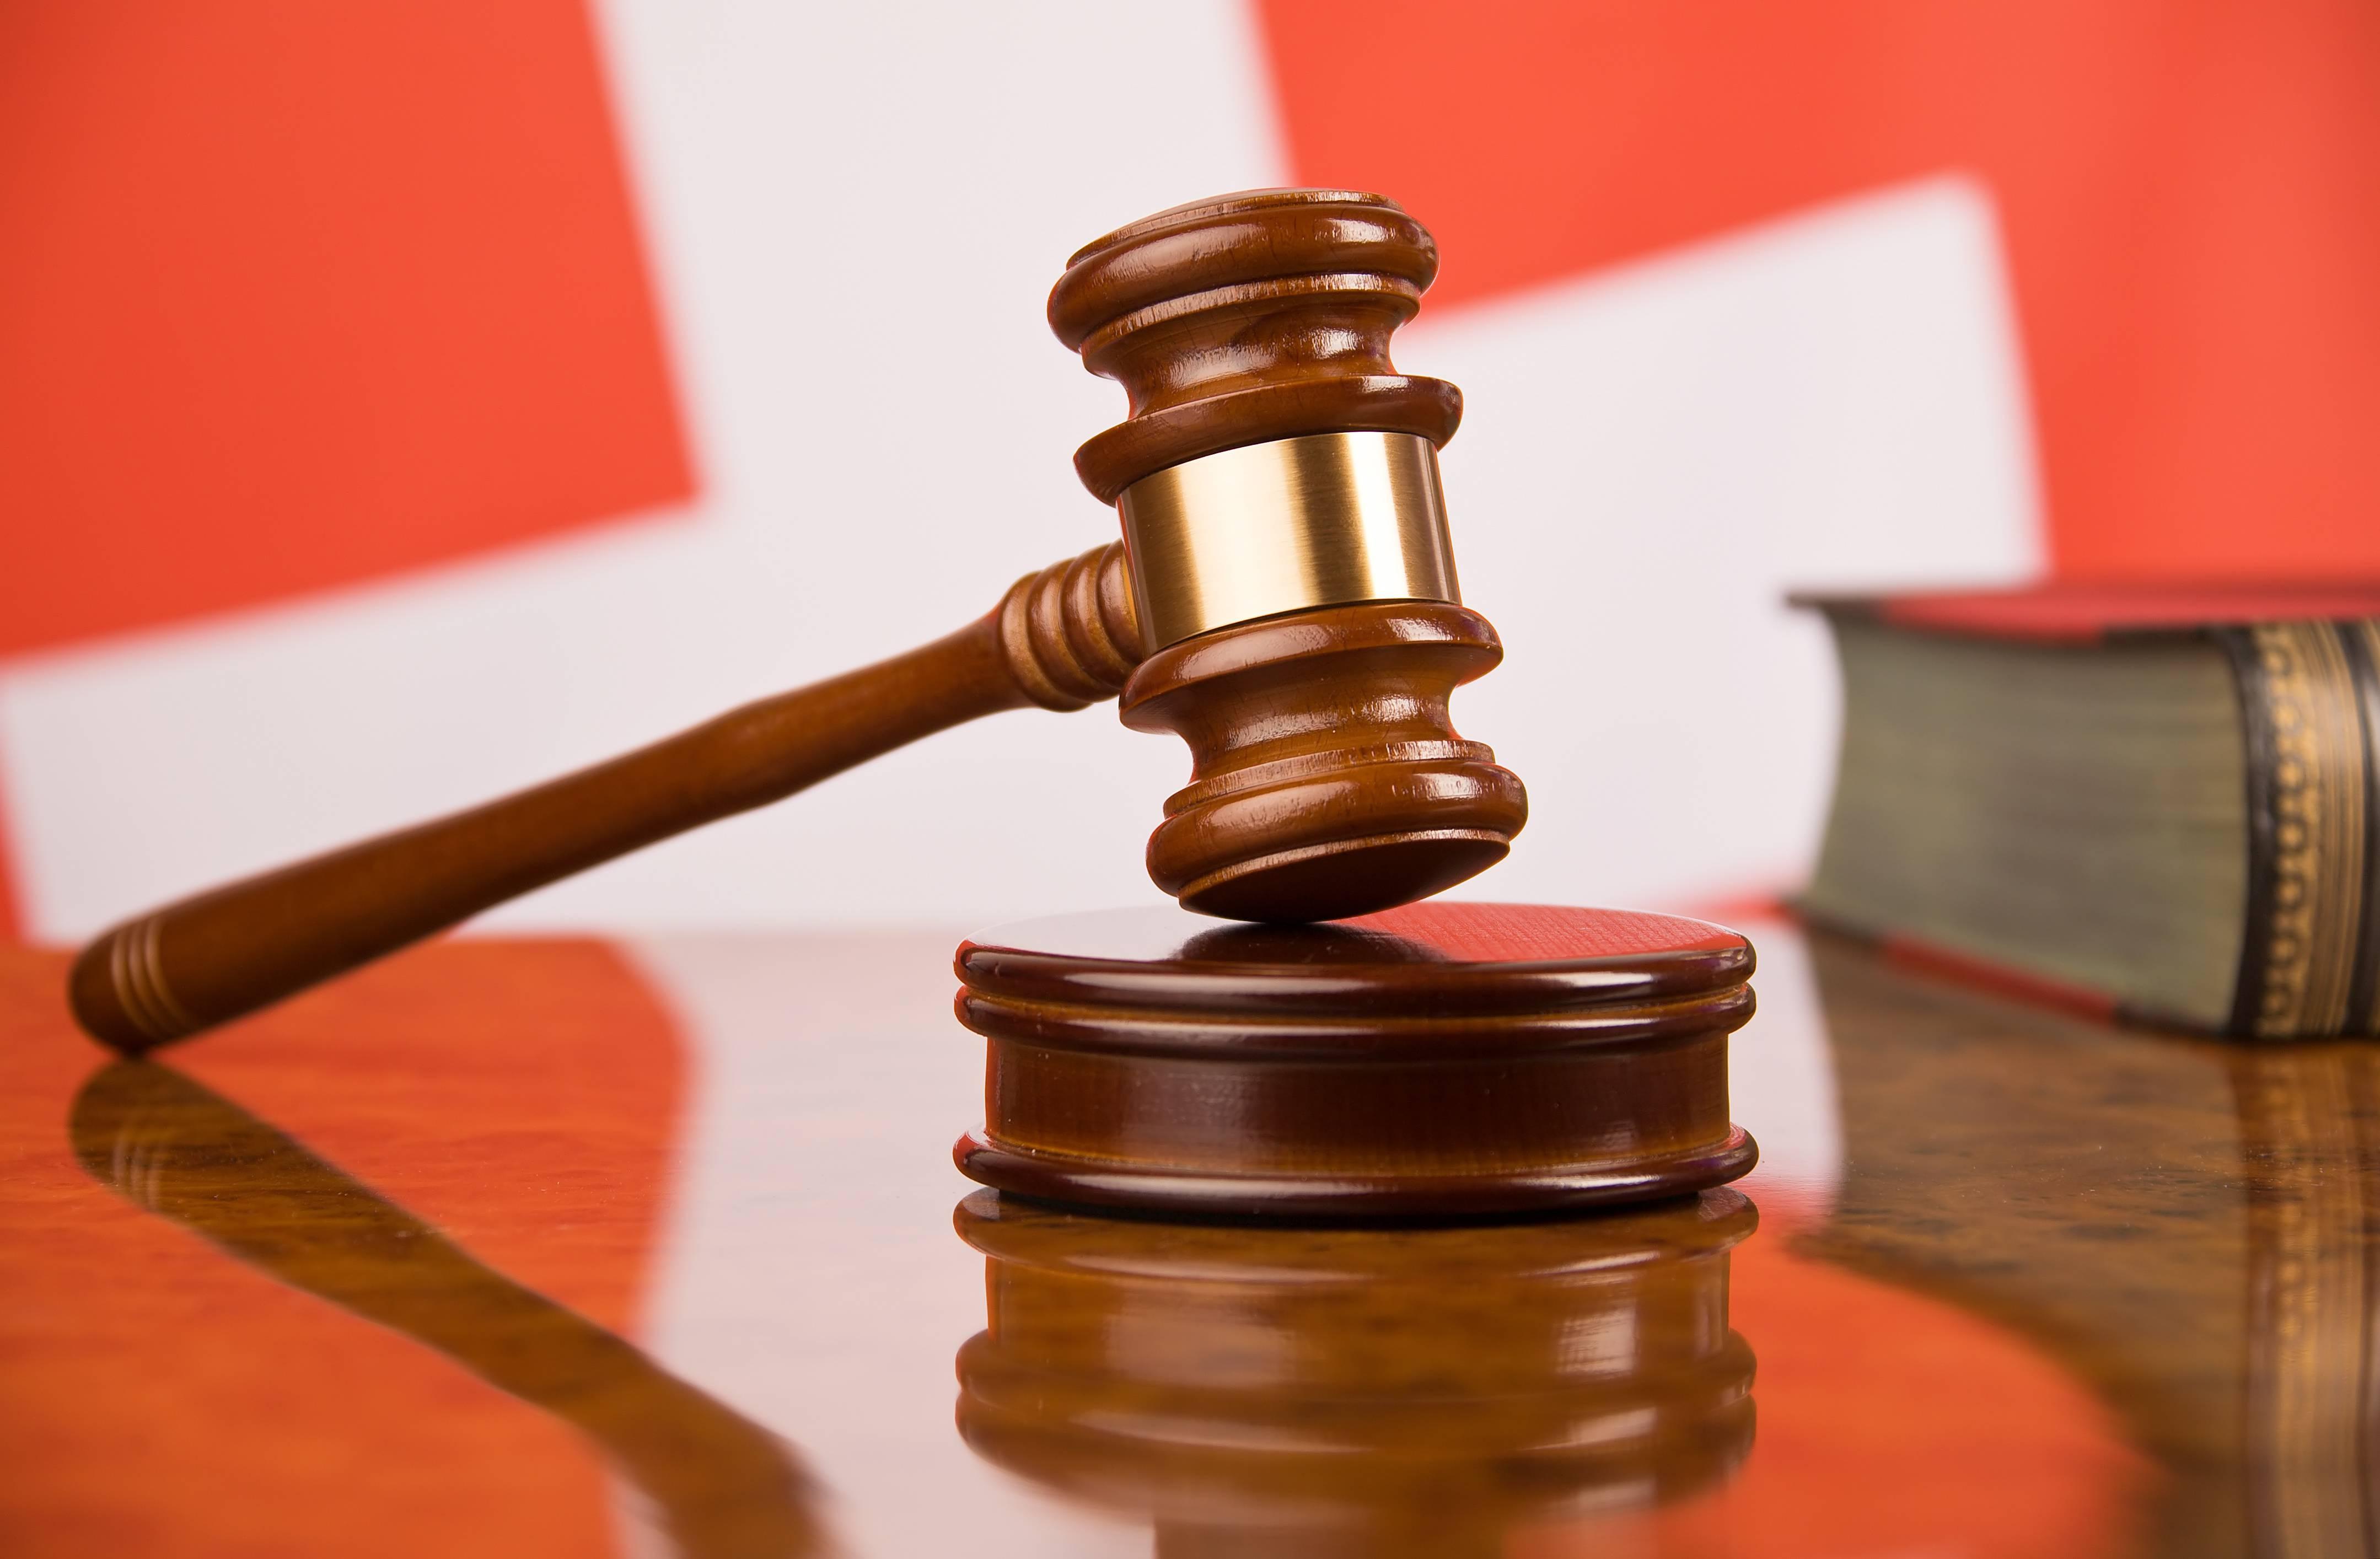 Tanax, Veterinario condannato (pena sospesa): 1 anno e 2 mesi